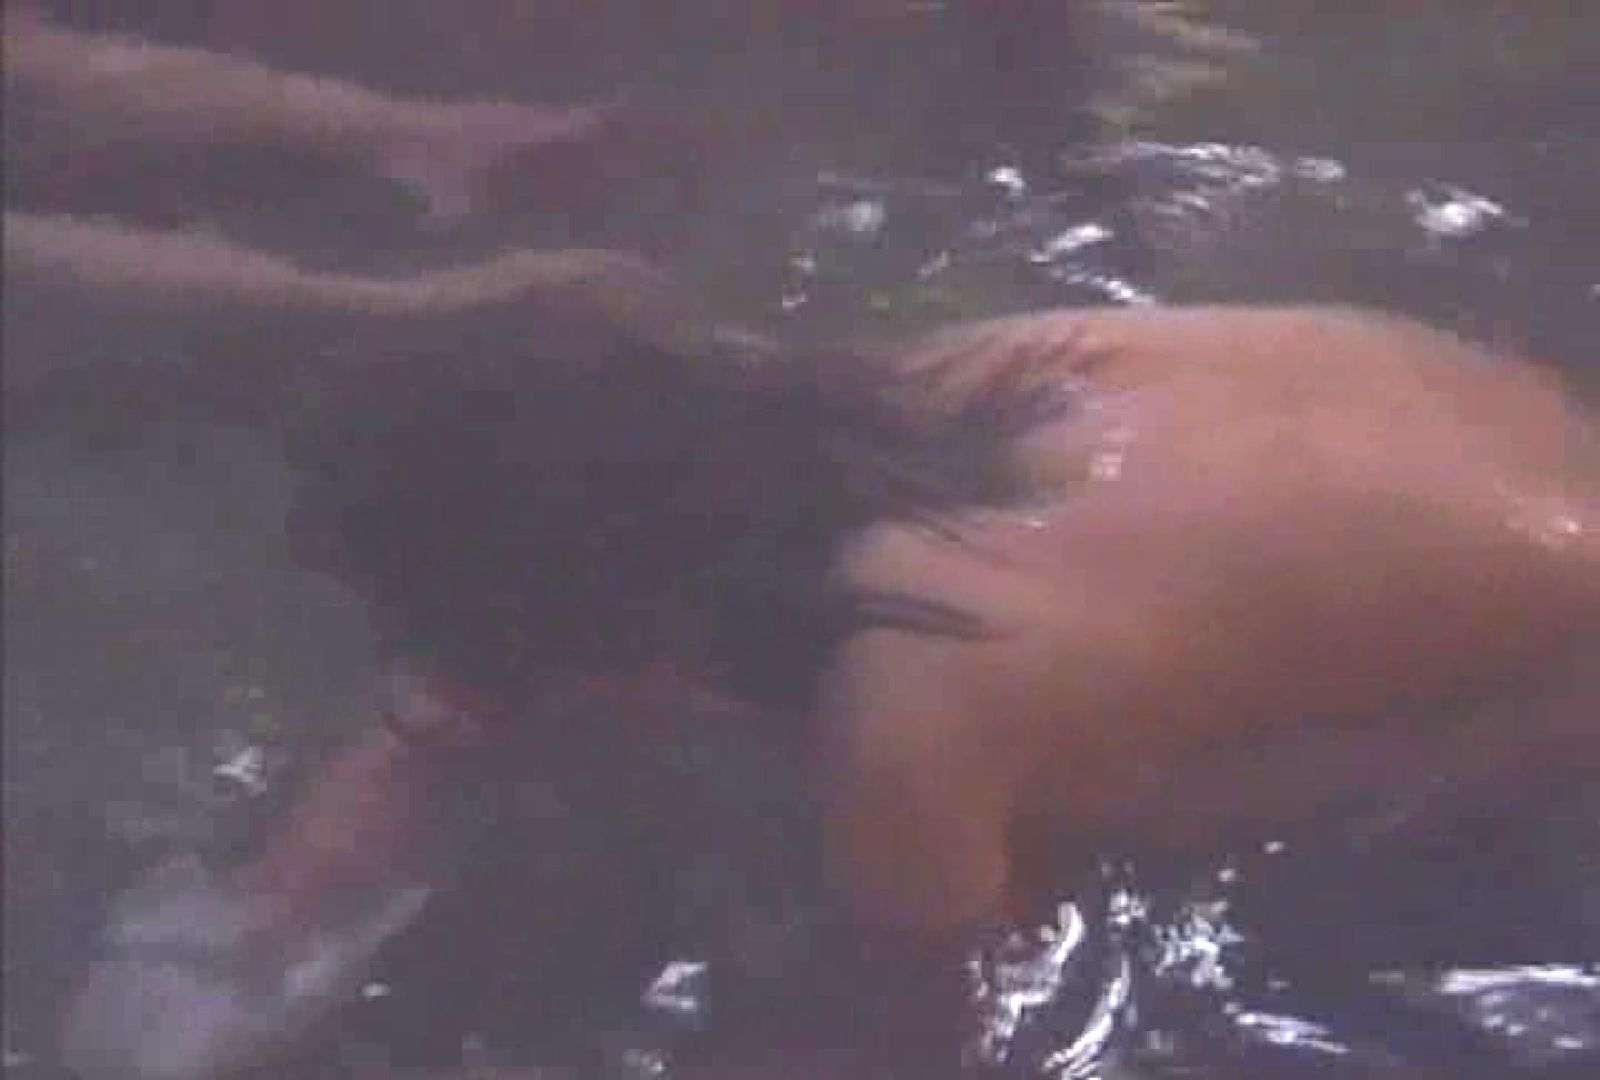 素人投稿シリーズ 盗撮 覗きの穴場 大浴場編  Vol.2 HなOL 盗撮動画紹介 112pic 86